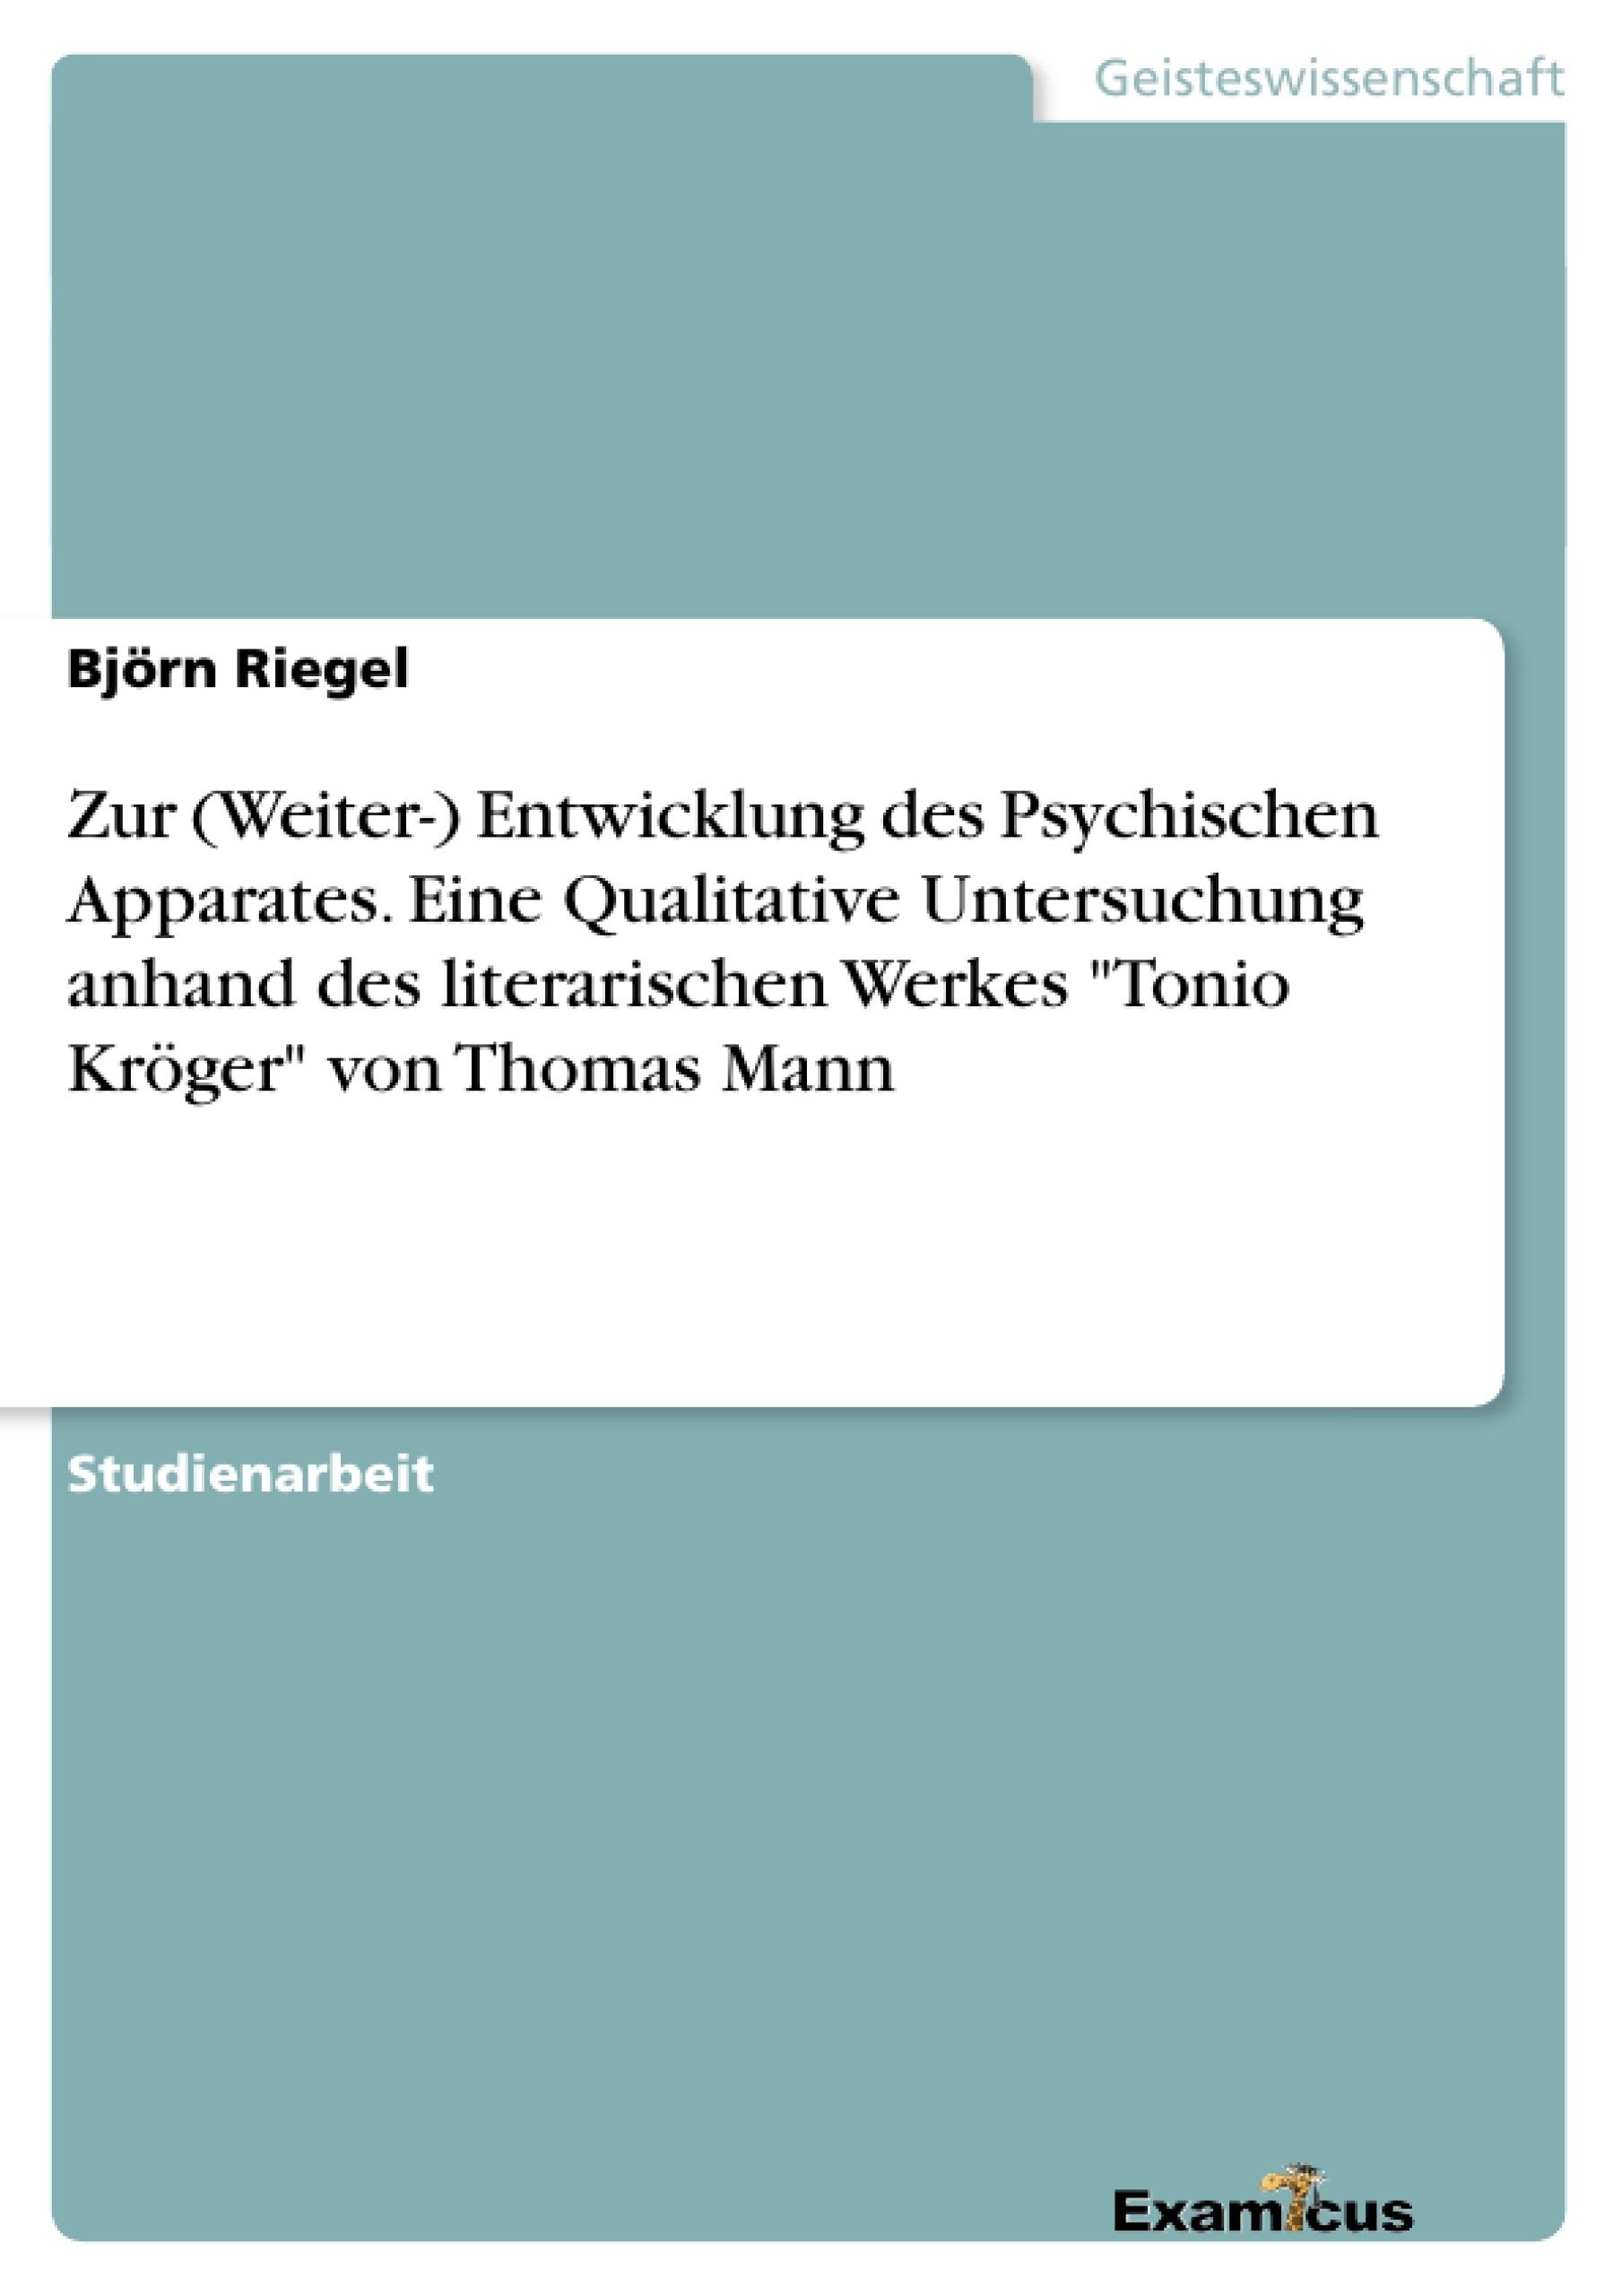 """Titel: Zur (Weiter-) Entwicklung des Psychischen Apparates. Eine Qualitative Untersuchung anhand des literarischen Werkes """"Tonio Kröger"""" von Thomas Mann"""